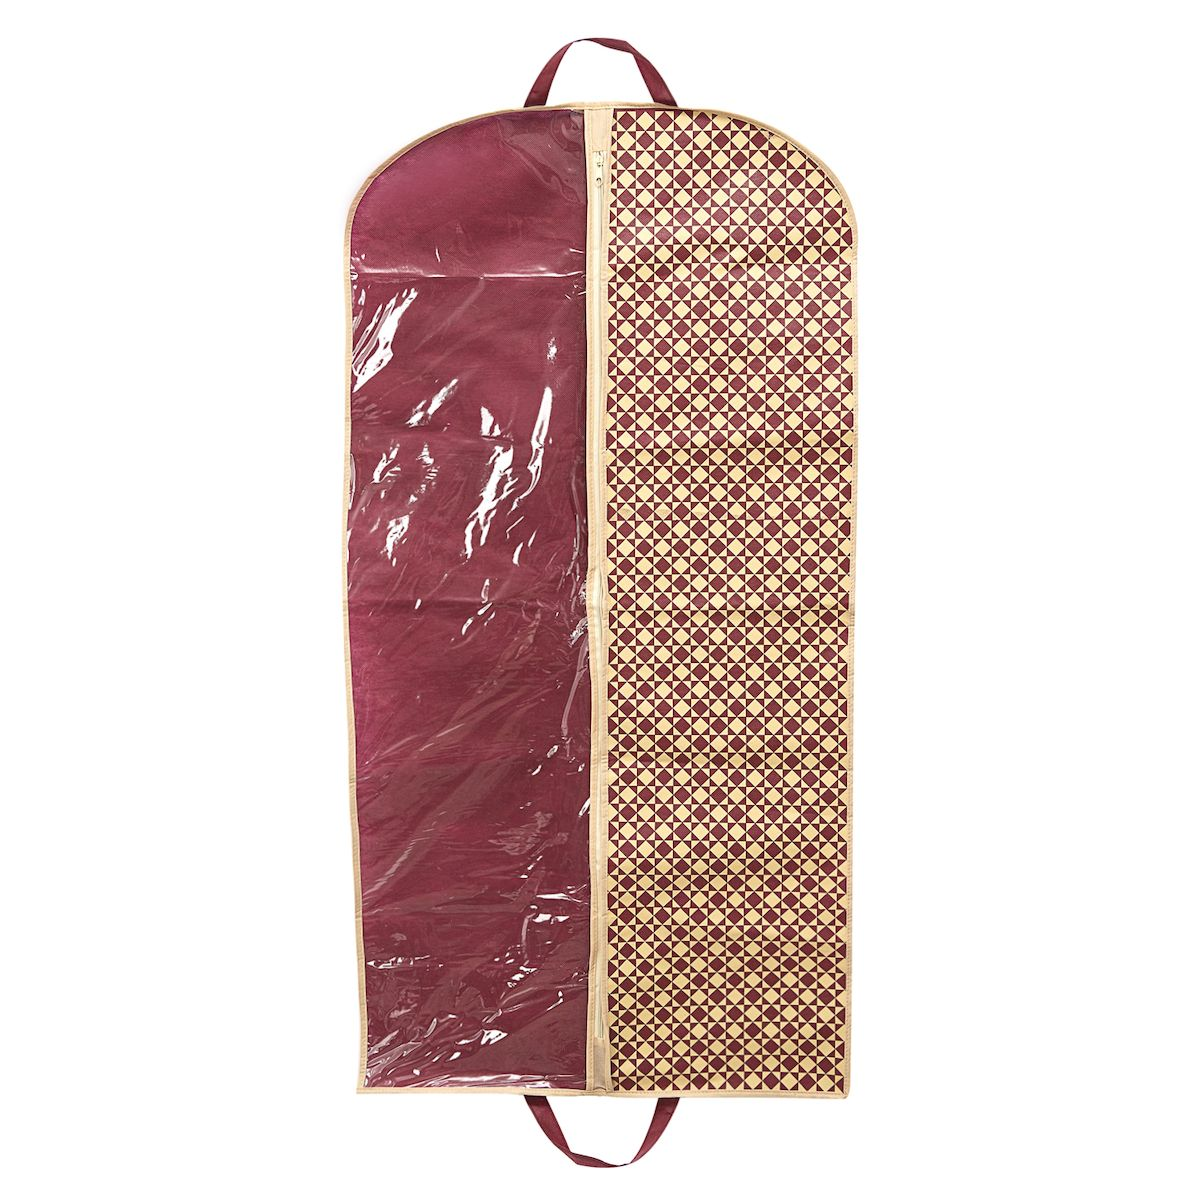 """Фото Чехол для одежды Homsu """"Bordo"""", подвесной, с прозрачной вставкой, 120 х 60 см. Купить  в РФ"""